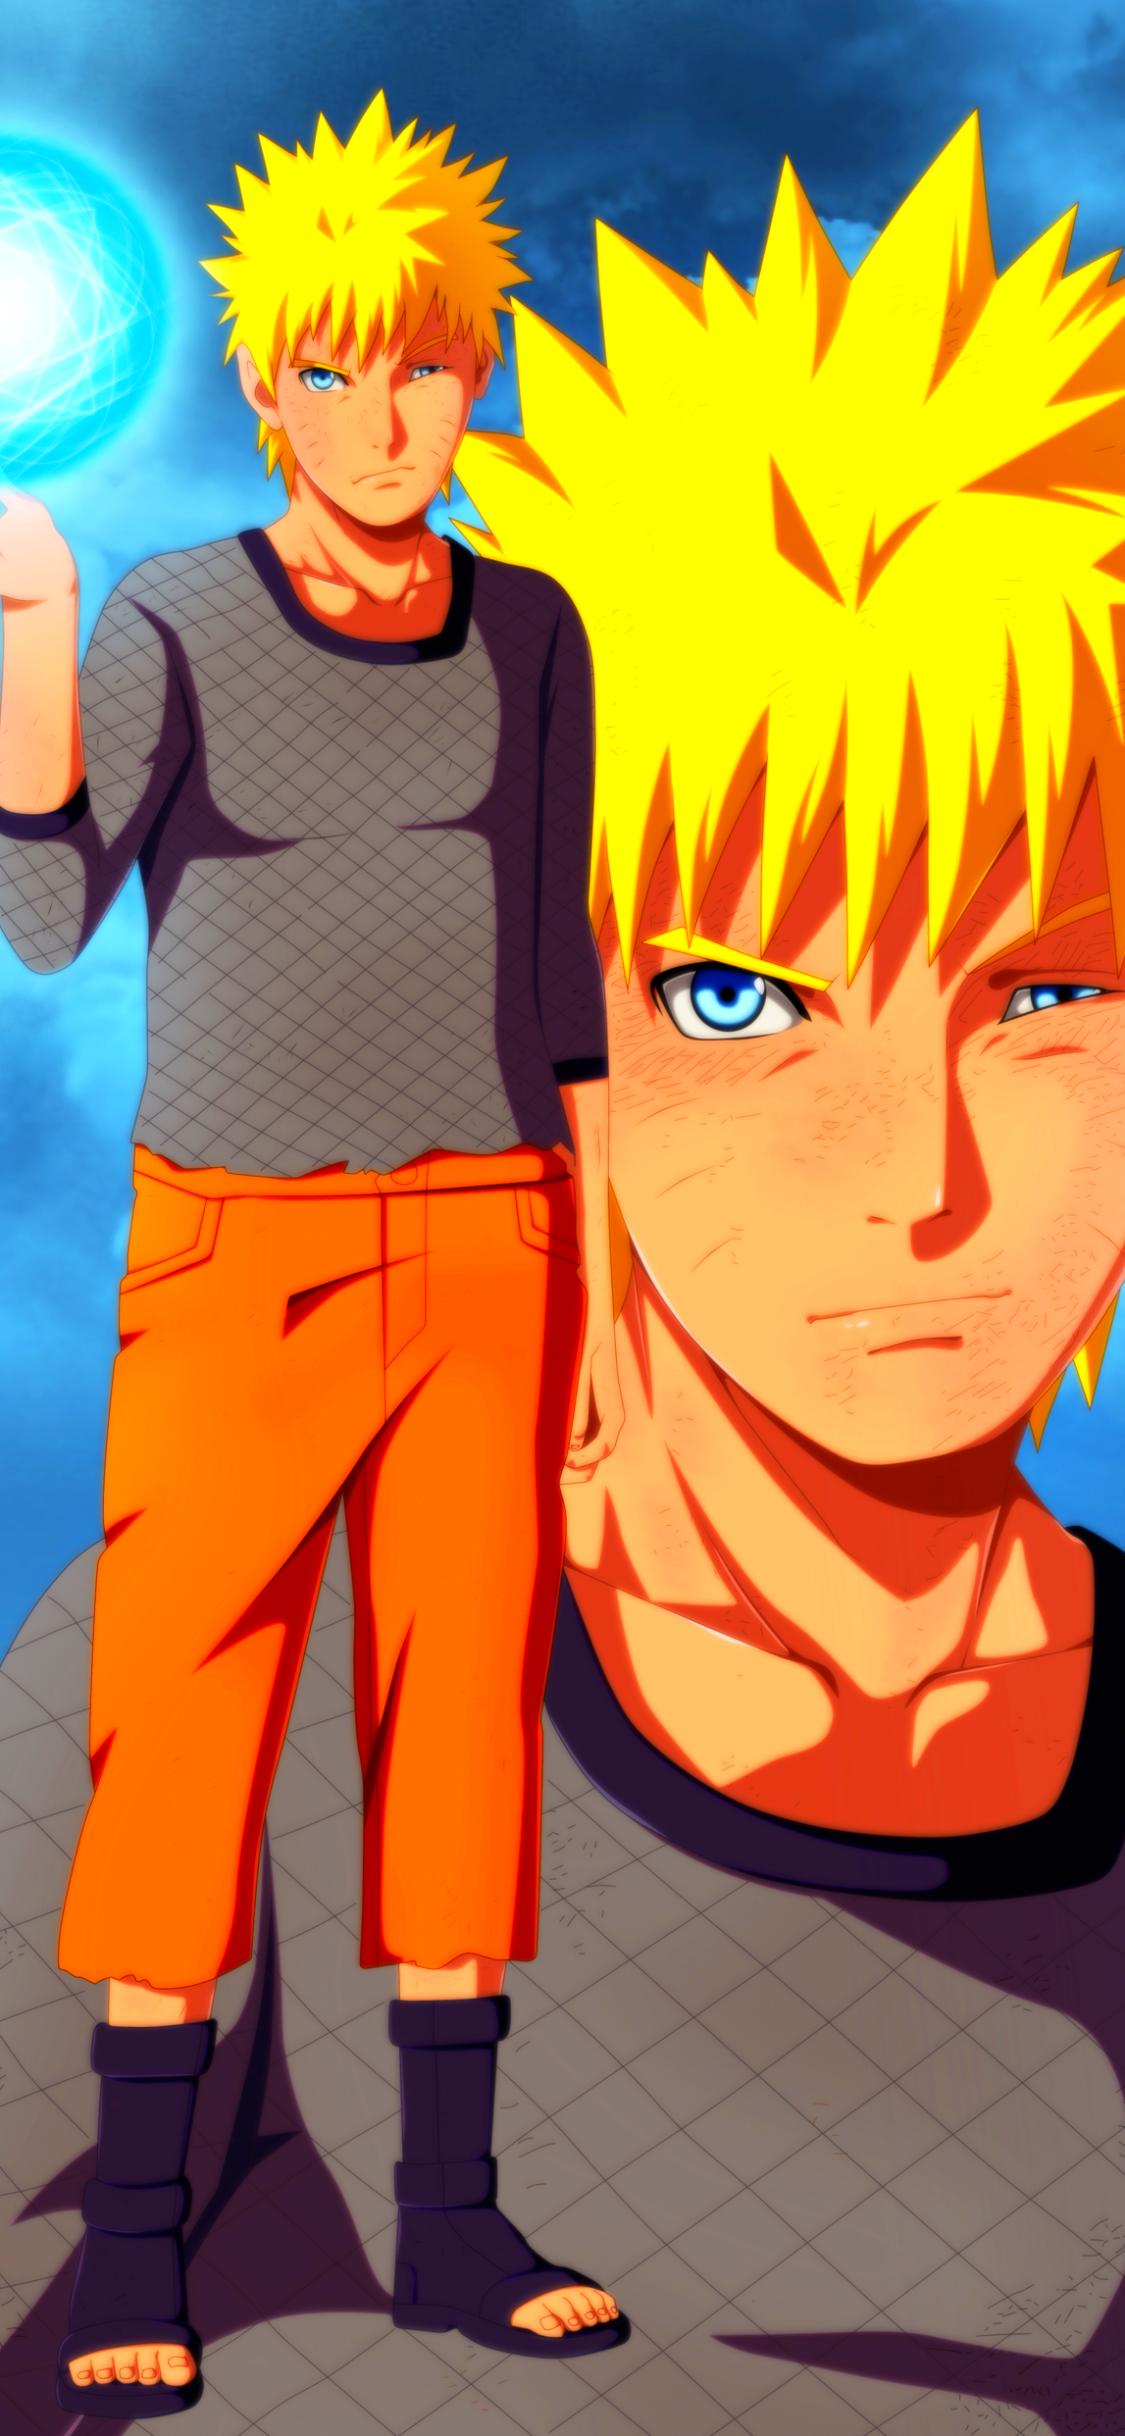 Naruto Pain Wallpapers